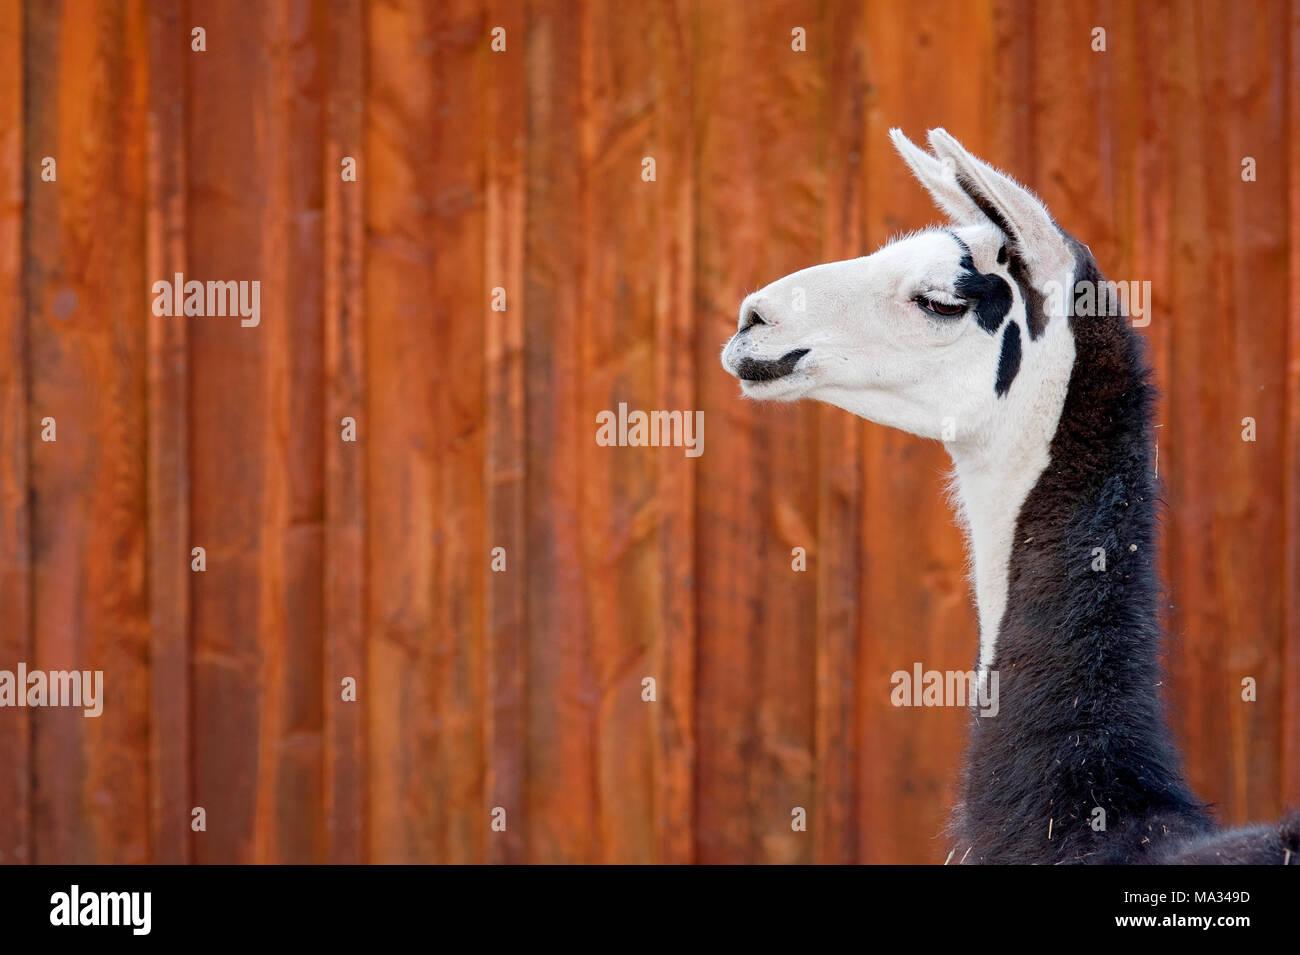 Ein Kopfschuss eines schwarzen und weißen Llama. Gegen orange, rostig, barn Siding erschossen. Stockbild